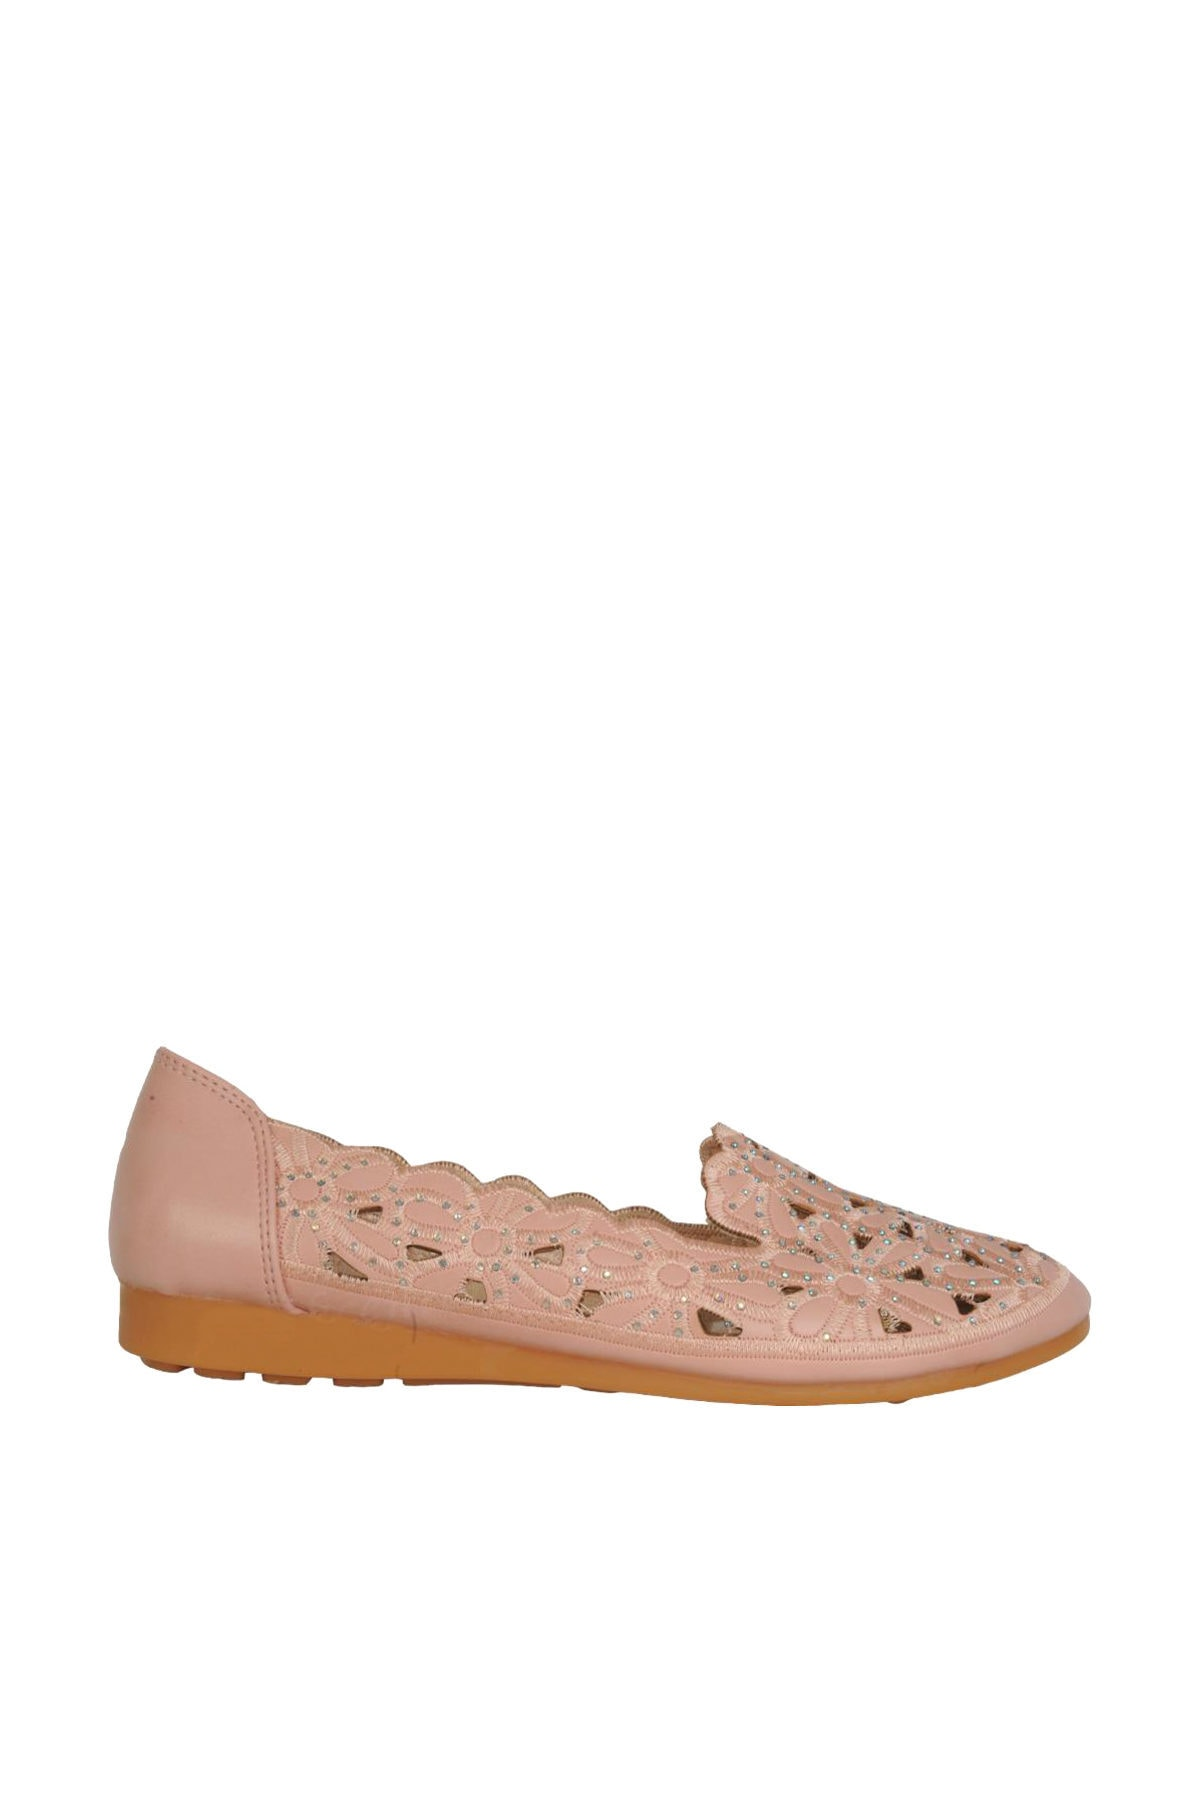 Almira Yazlık Desenli Günlük Rahat Bayan Babet Ayakkabı 1